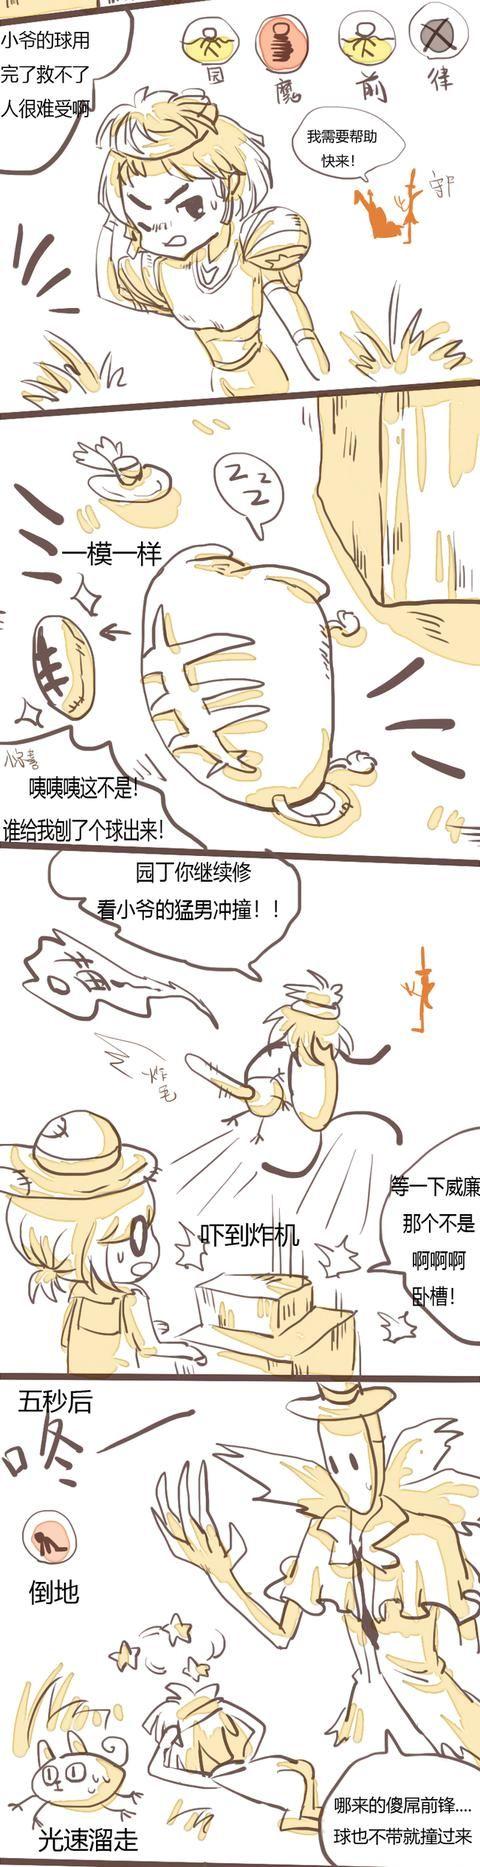 第五人格漫画:橘猫这么可爱,前锋你这样做真的好吗?